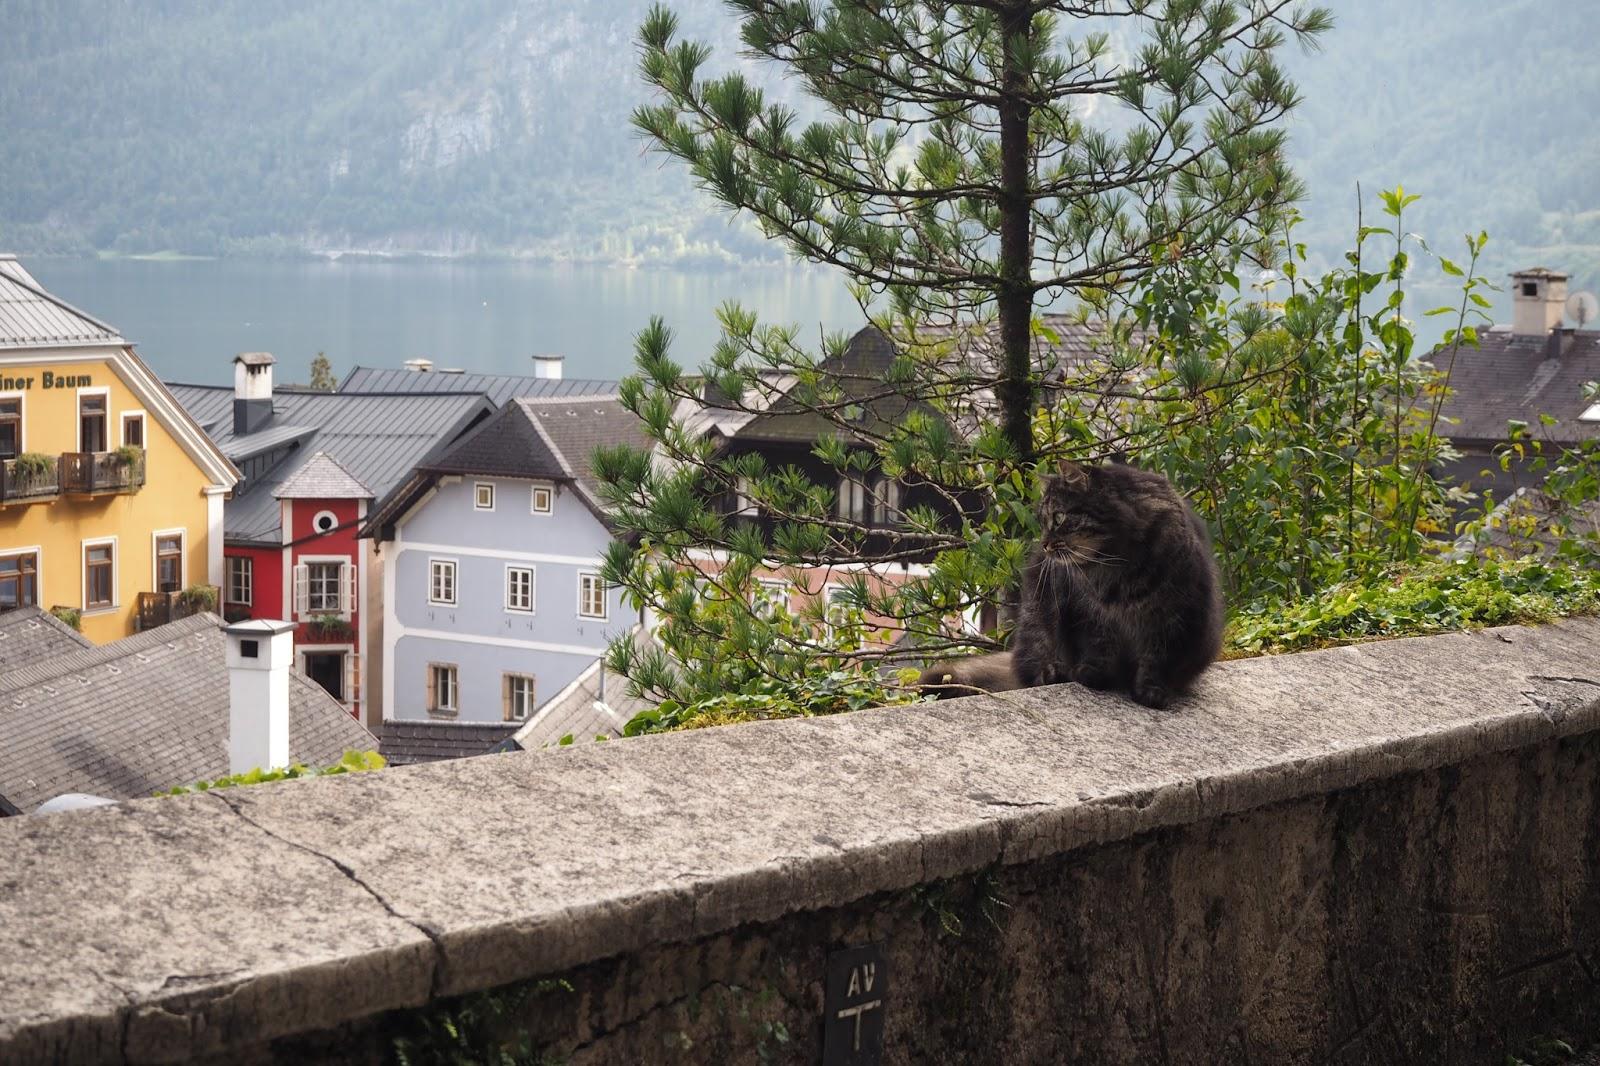 Exploring Hallstatt town